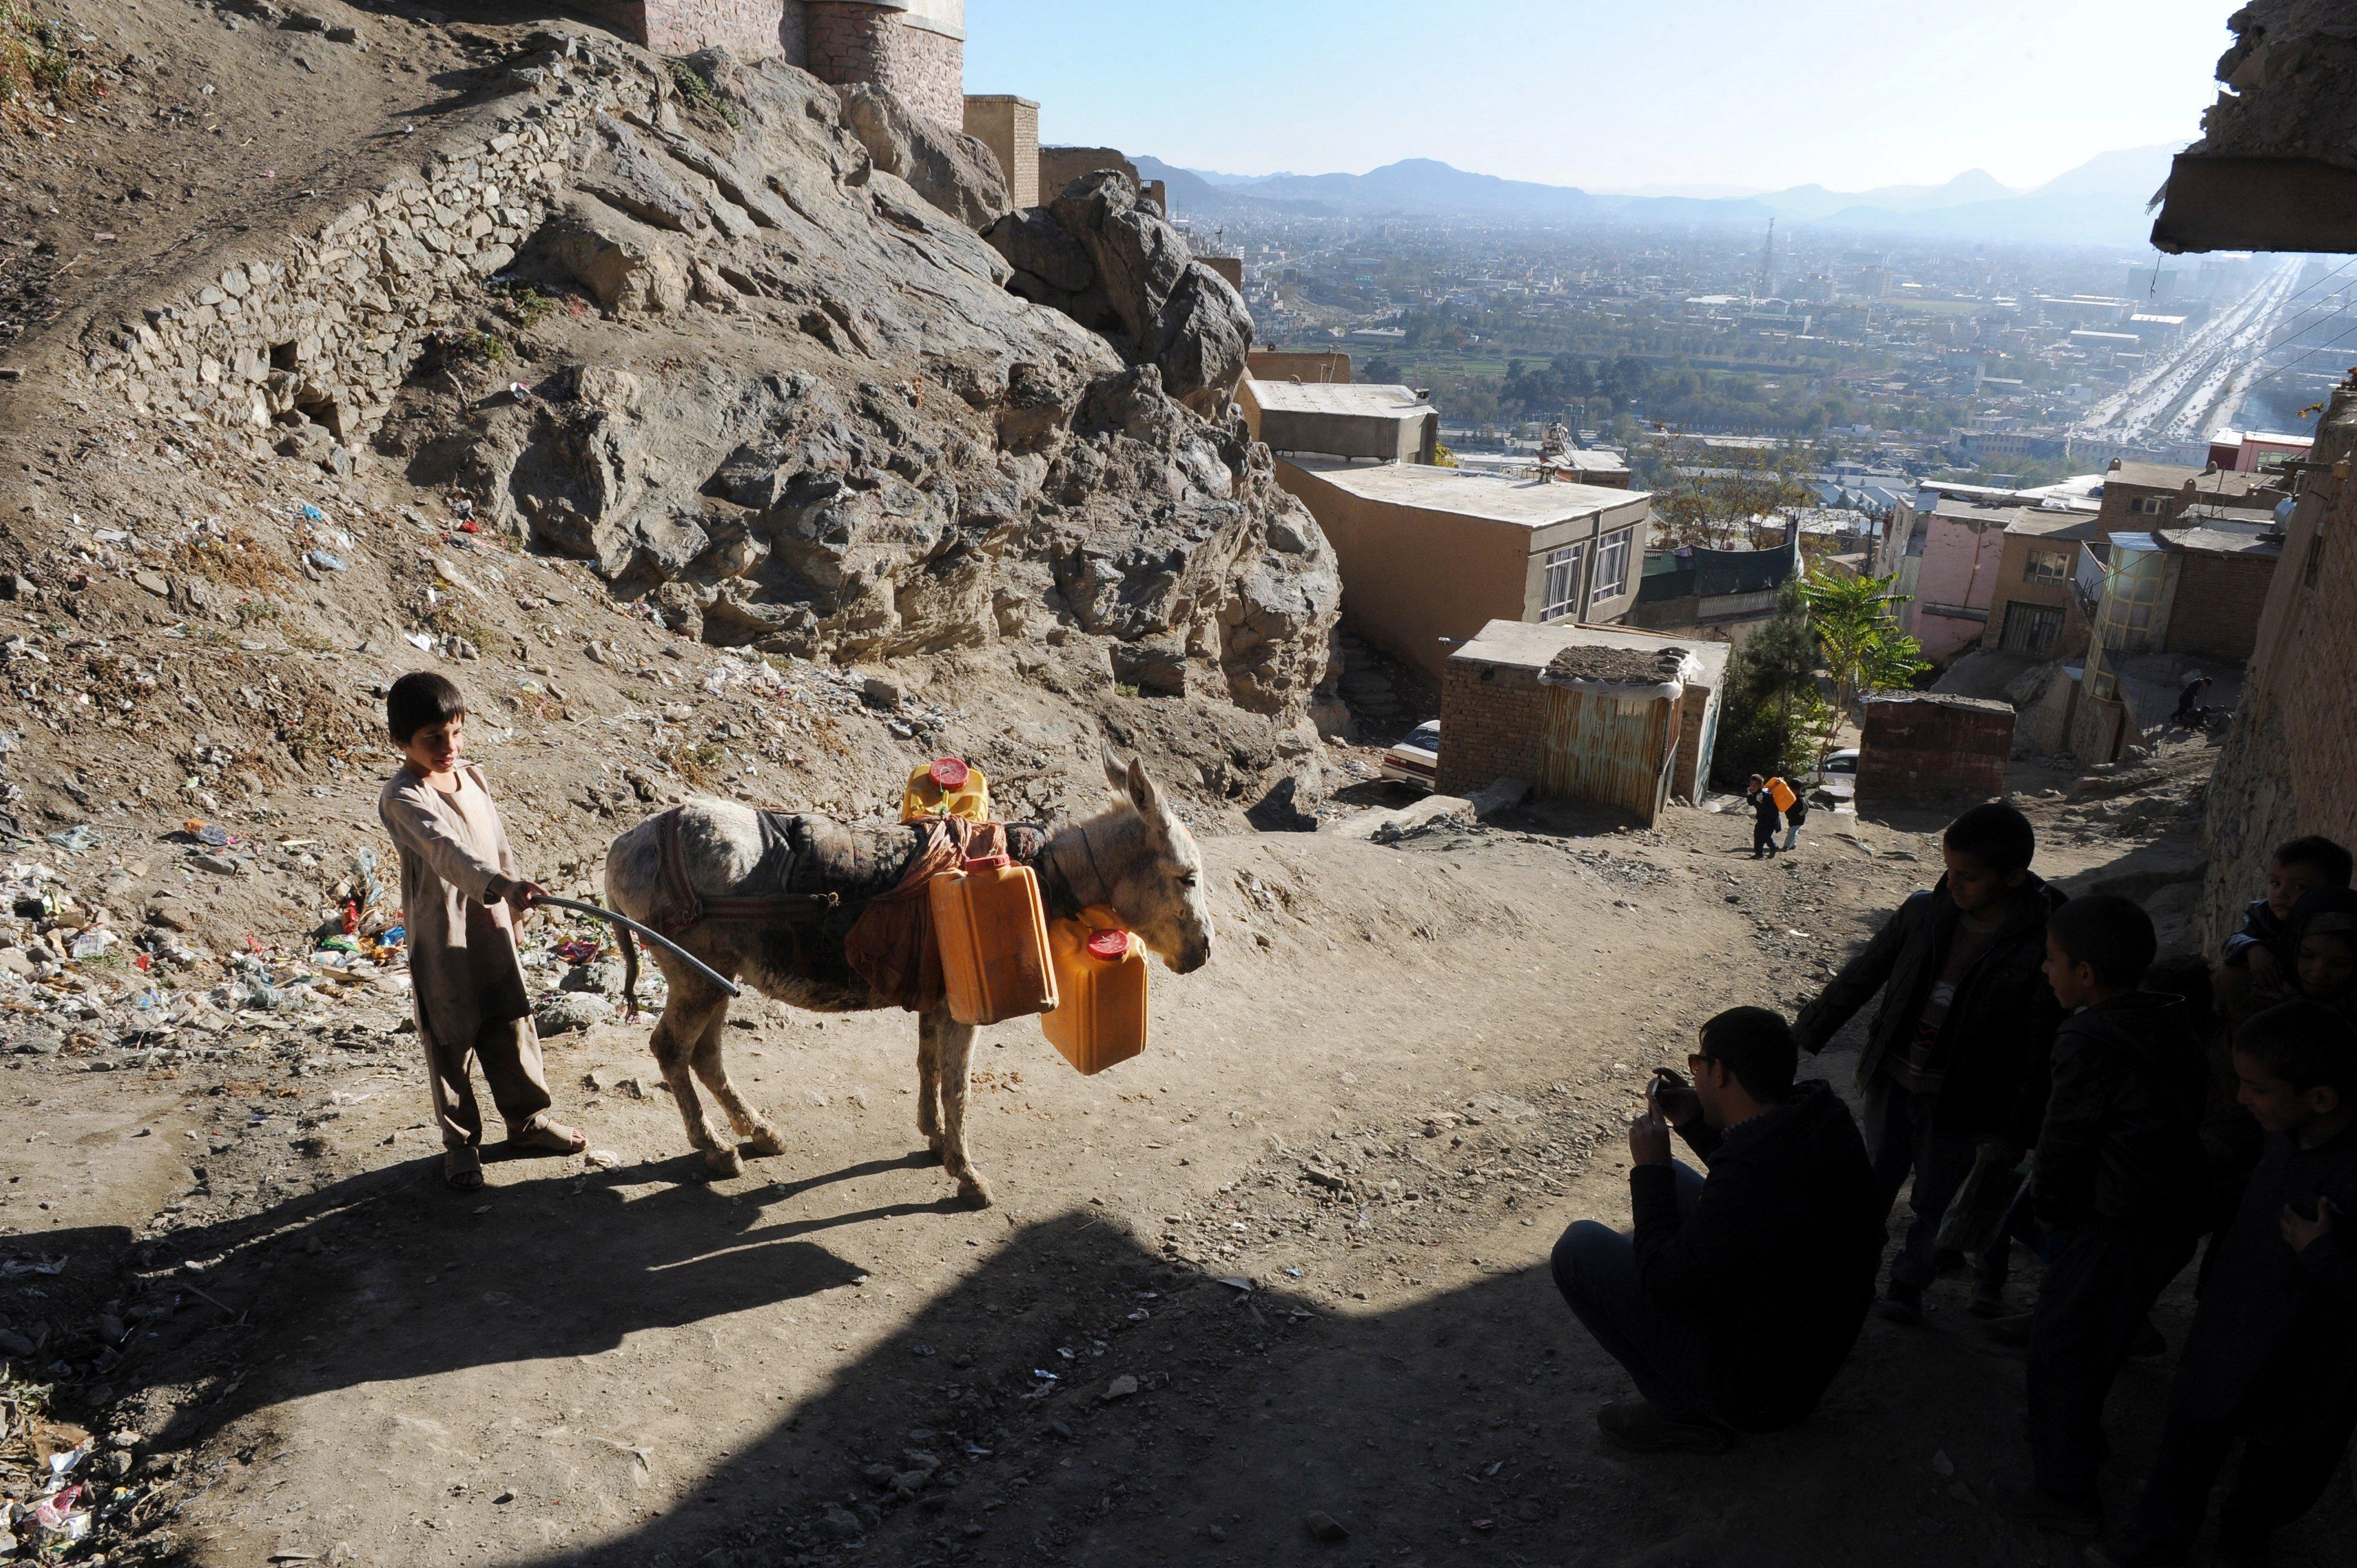 Un nin transporta tancs d'aigua a l'est de Kabul (Afganistan). Almenys el 60% dels habitants de la capital no tenen accés a l'aigua potable. /JAWAD JALALI